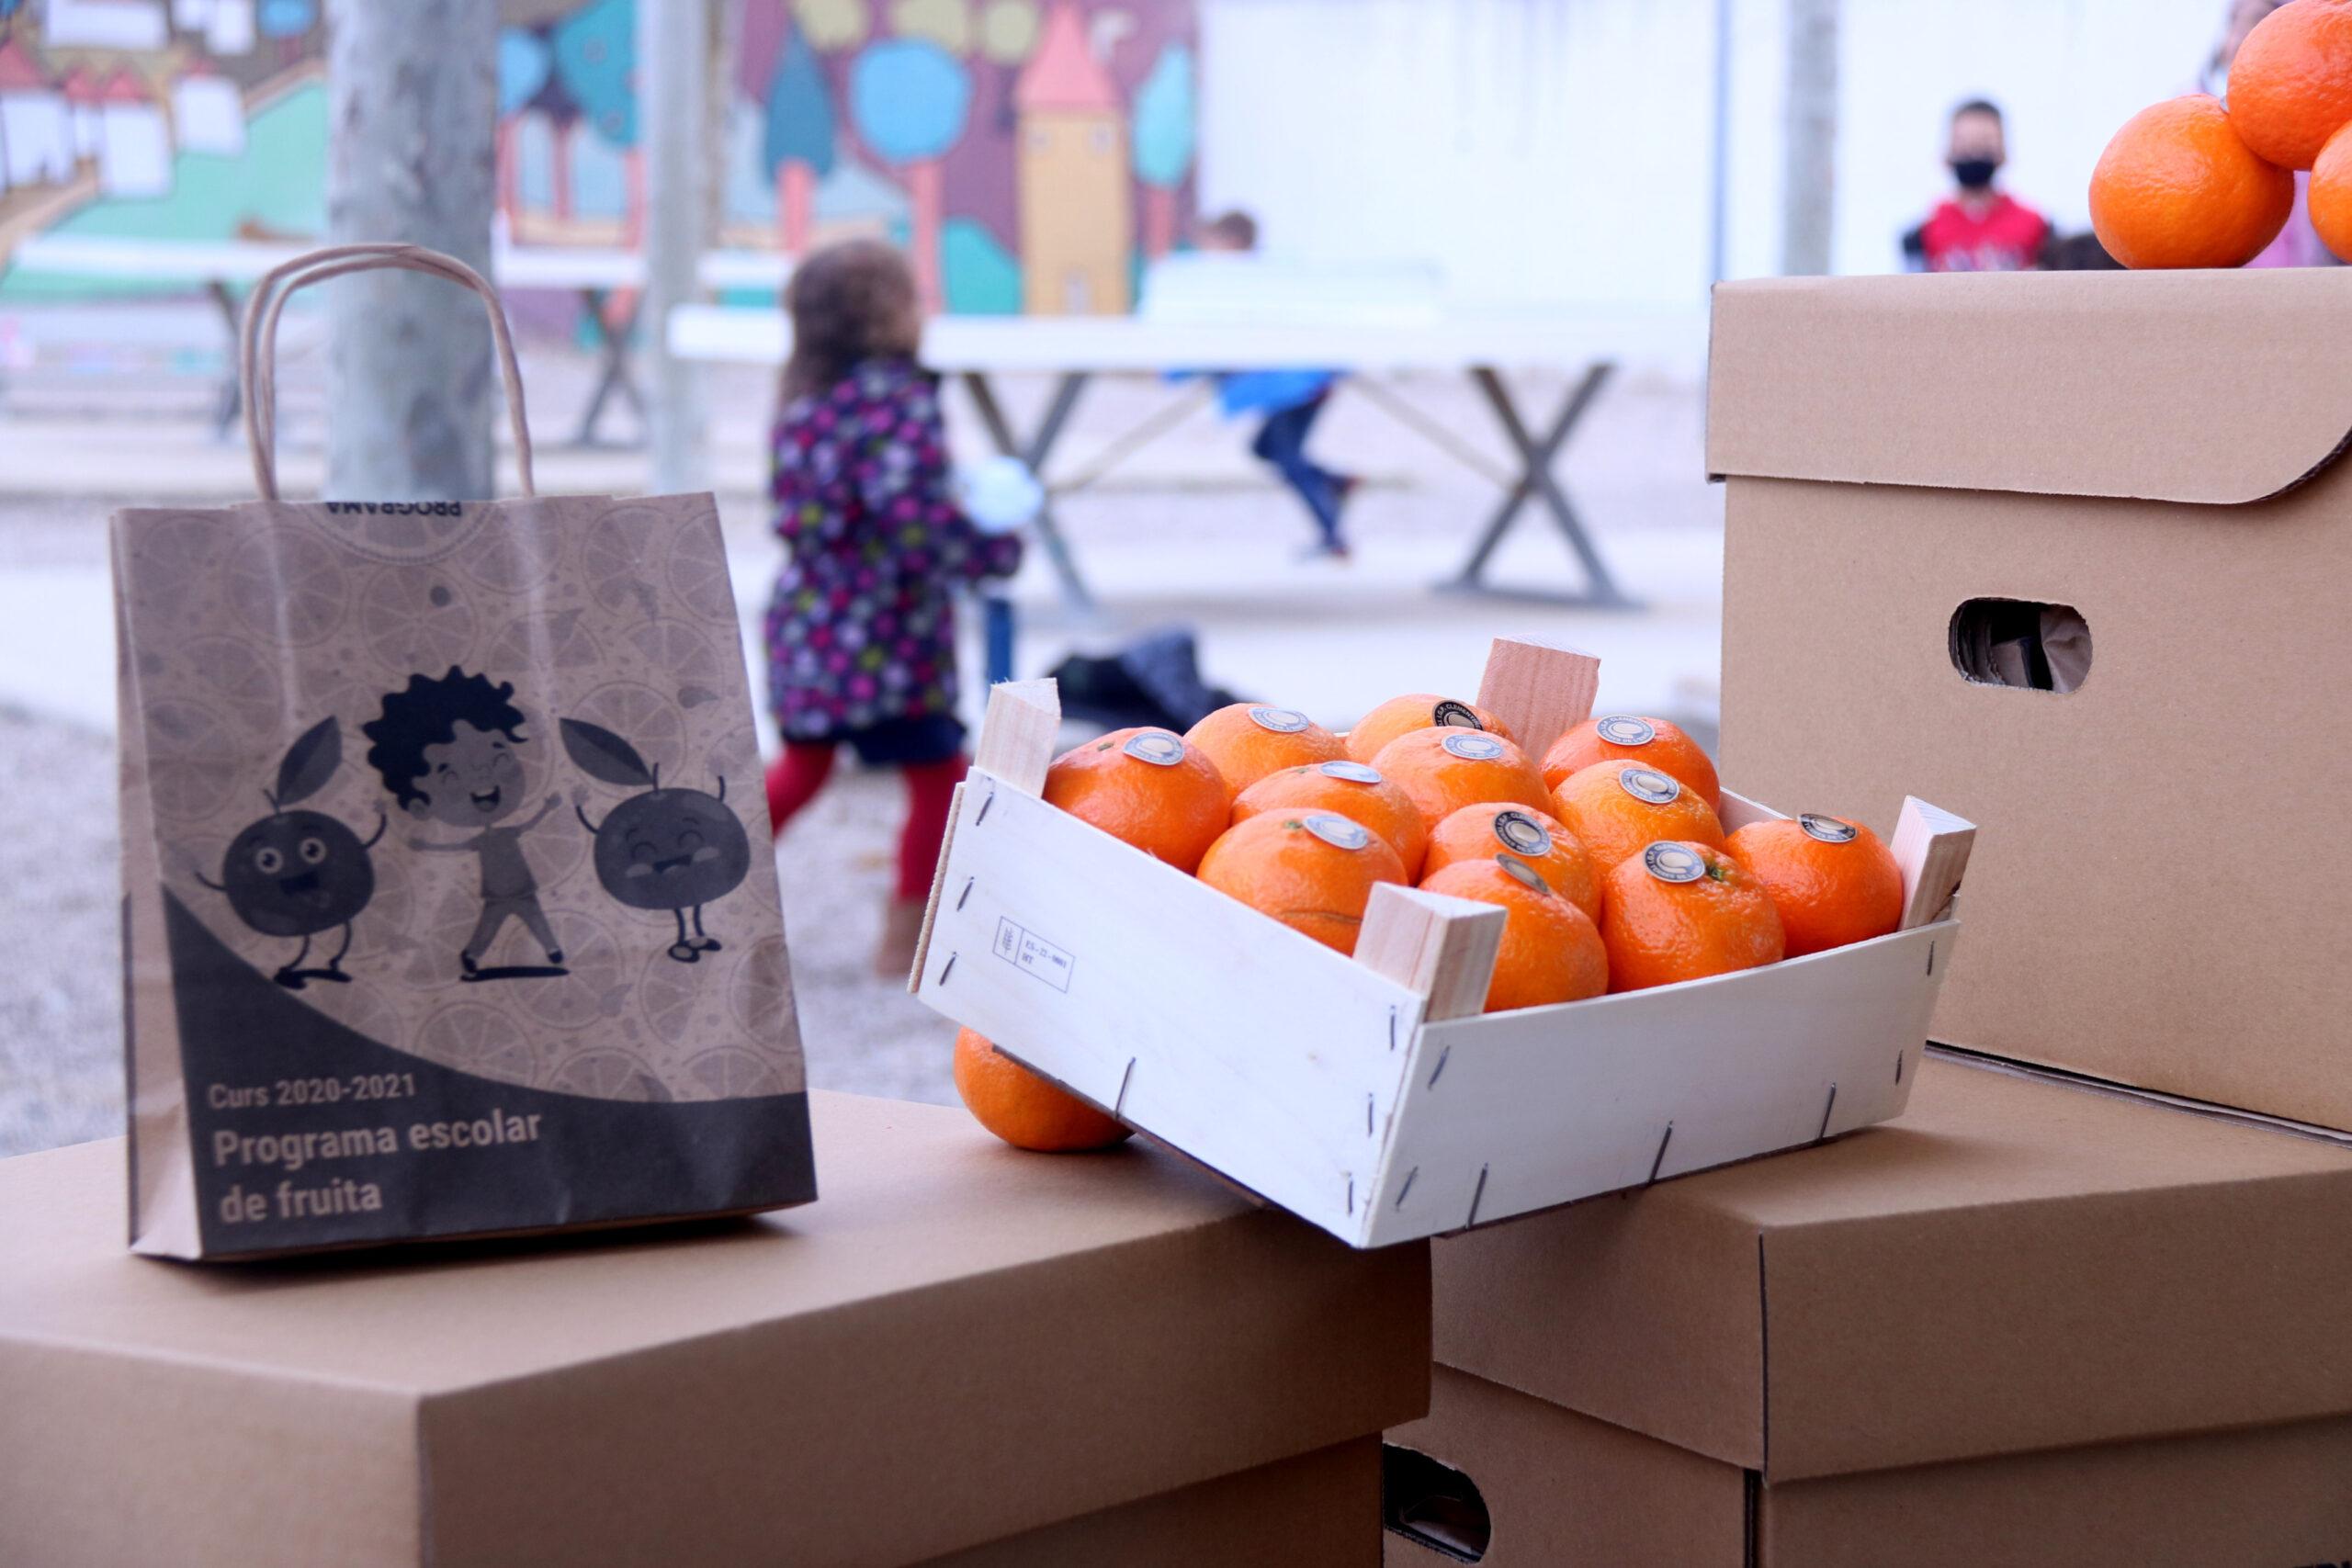 Pla detall d'una caixa i una bossa de clementines